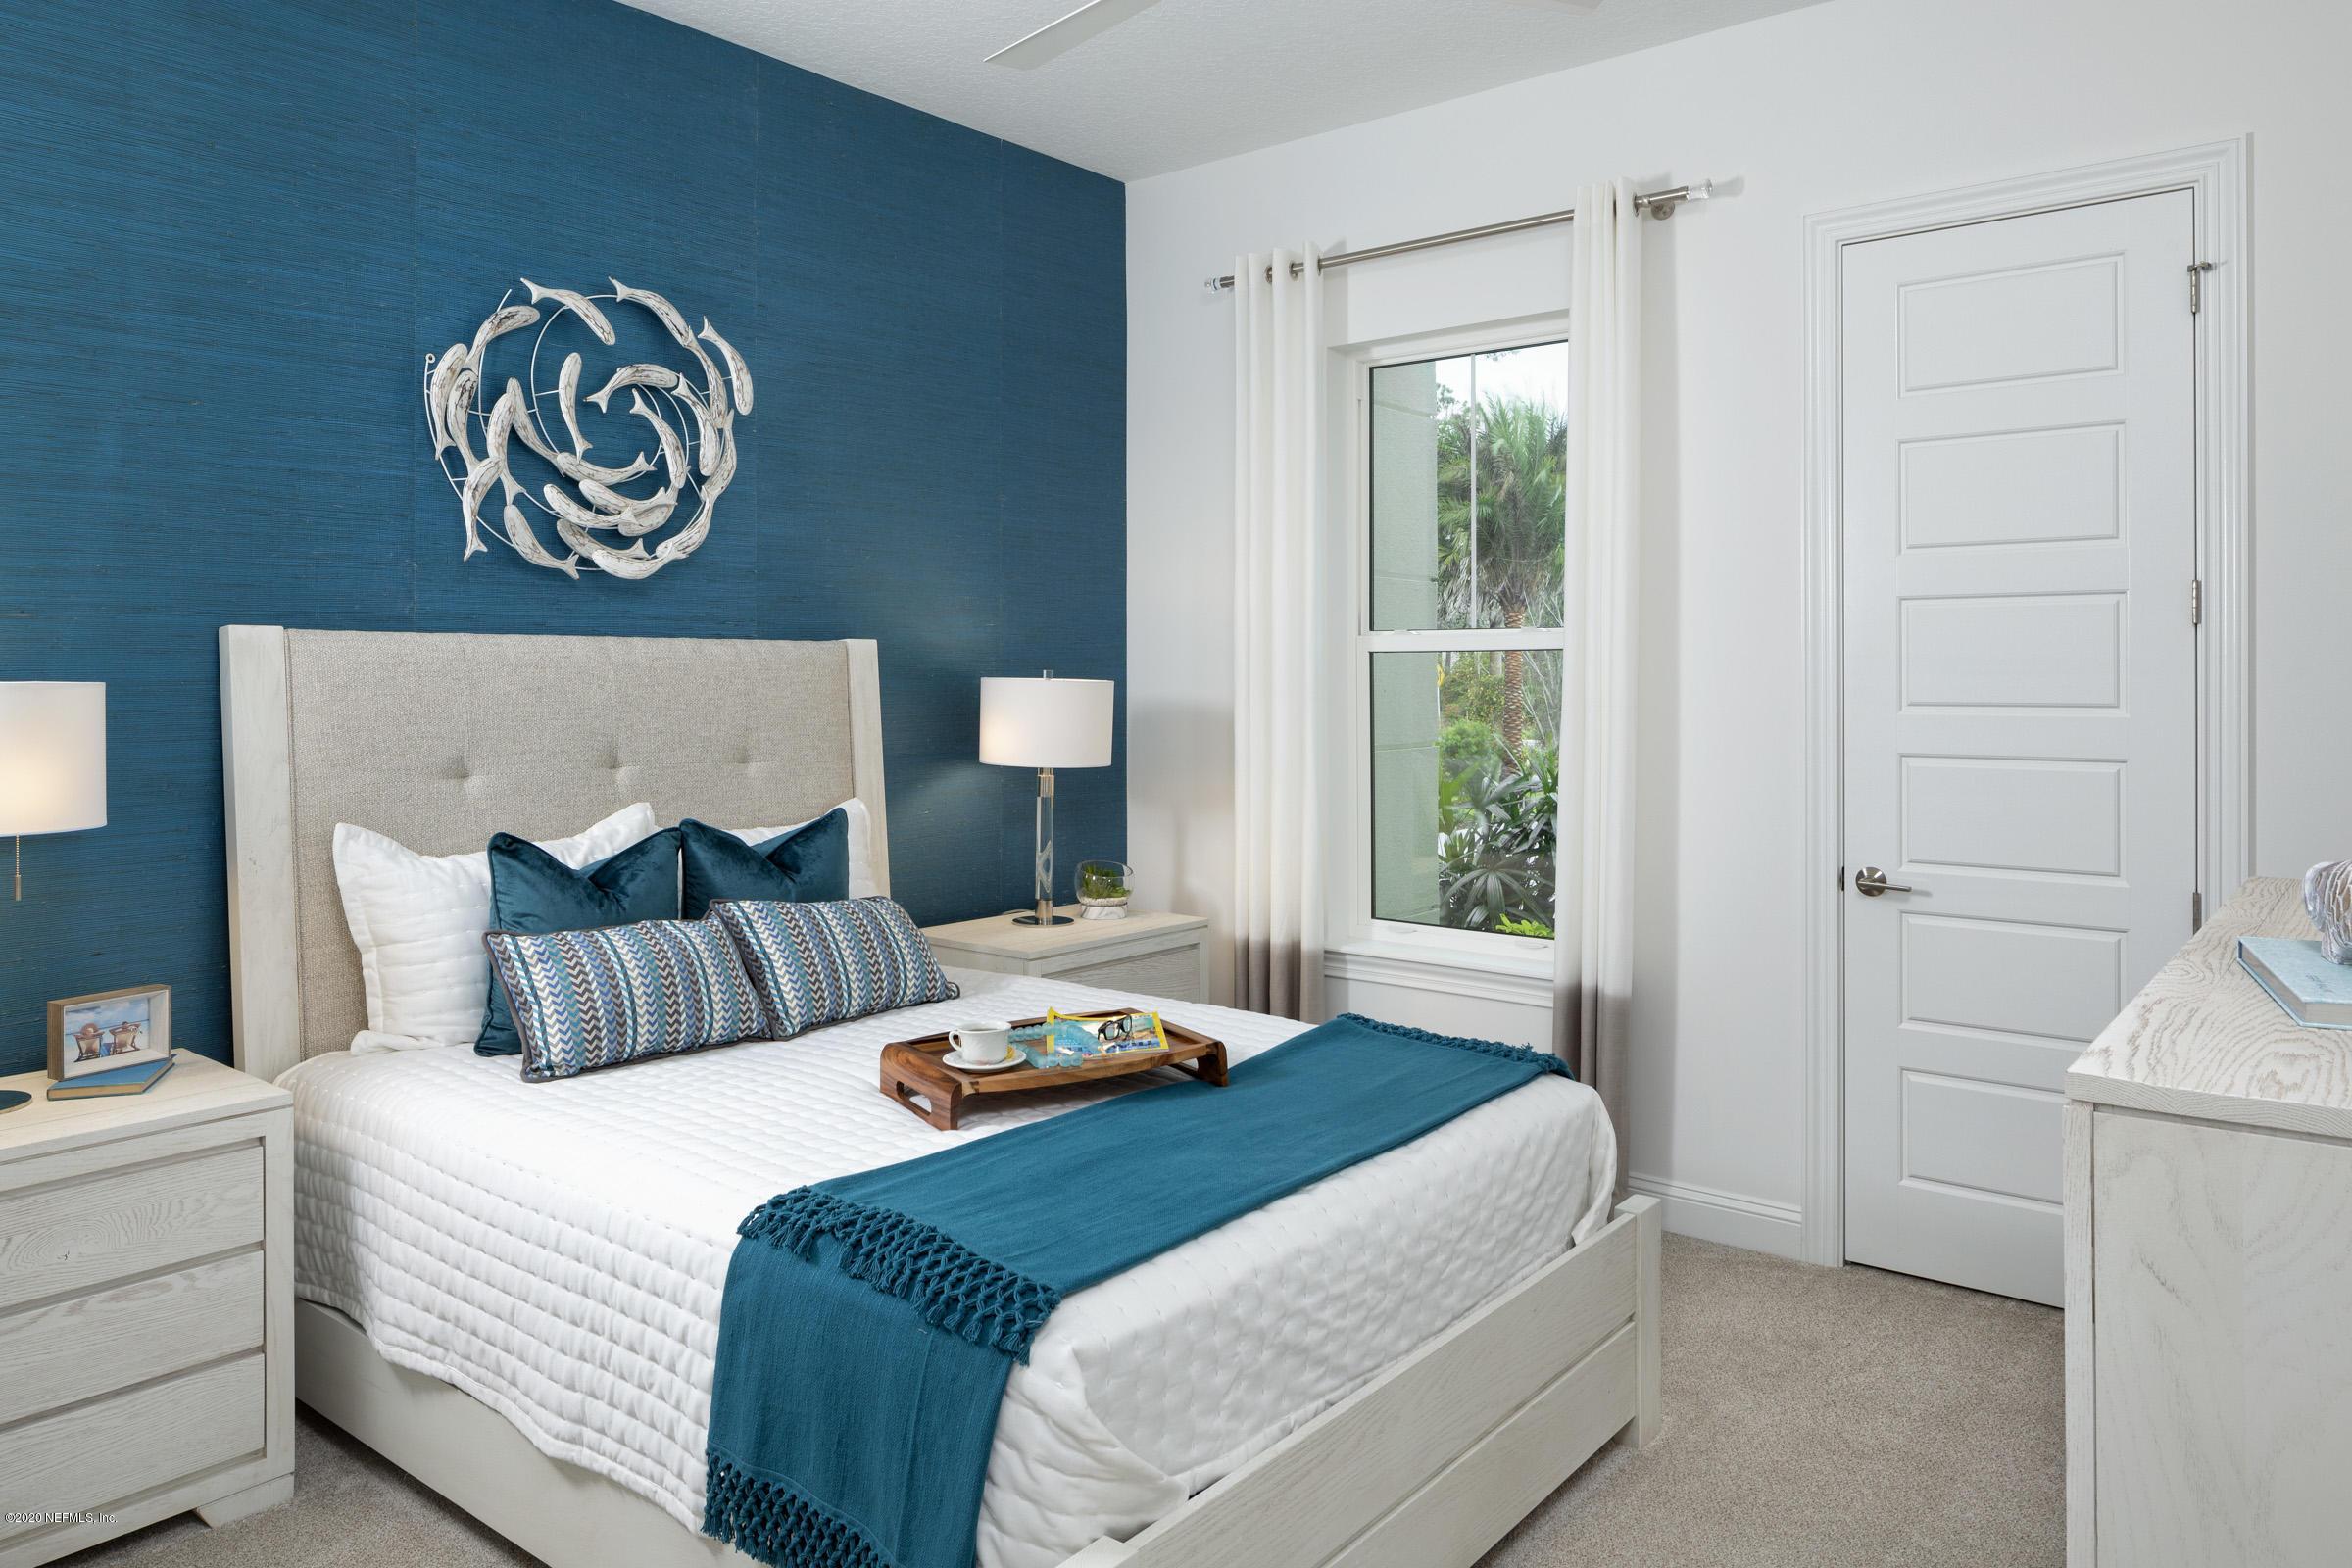 4180 OCEAN SHORE, PALM COAST, FLORIDA 32137, 3 Bedrooms Bedrooms, ,3 BathroomsBathrooms,Residential,For sale,OCEAN SHORE,1045731